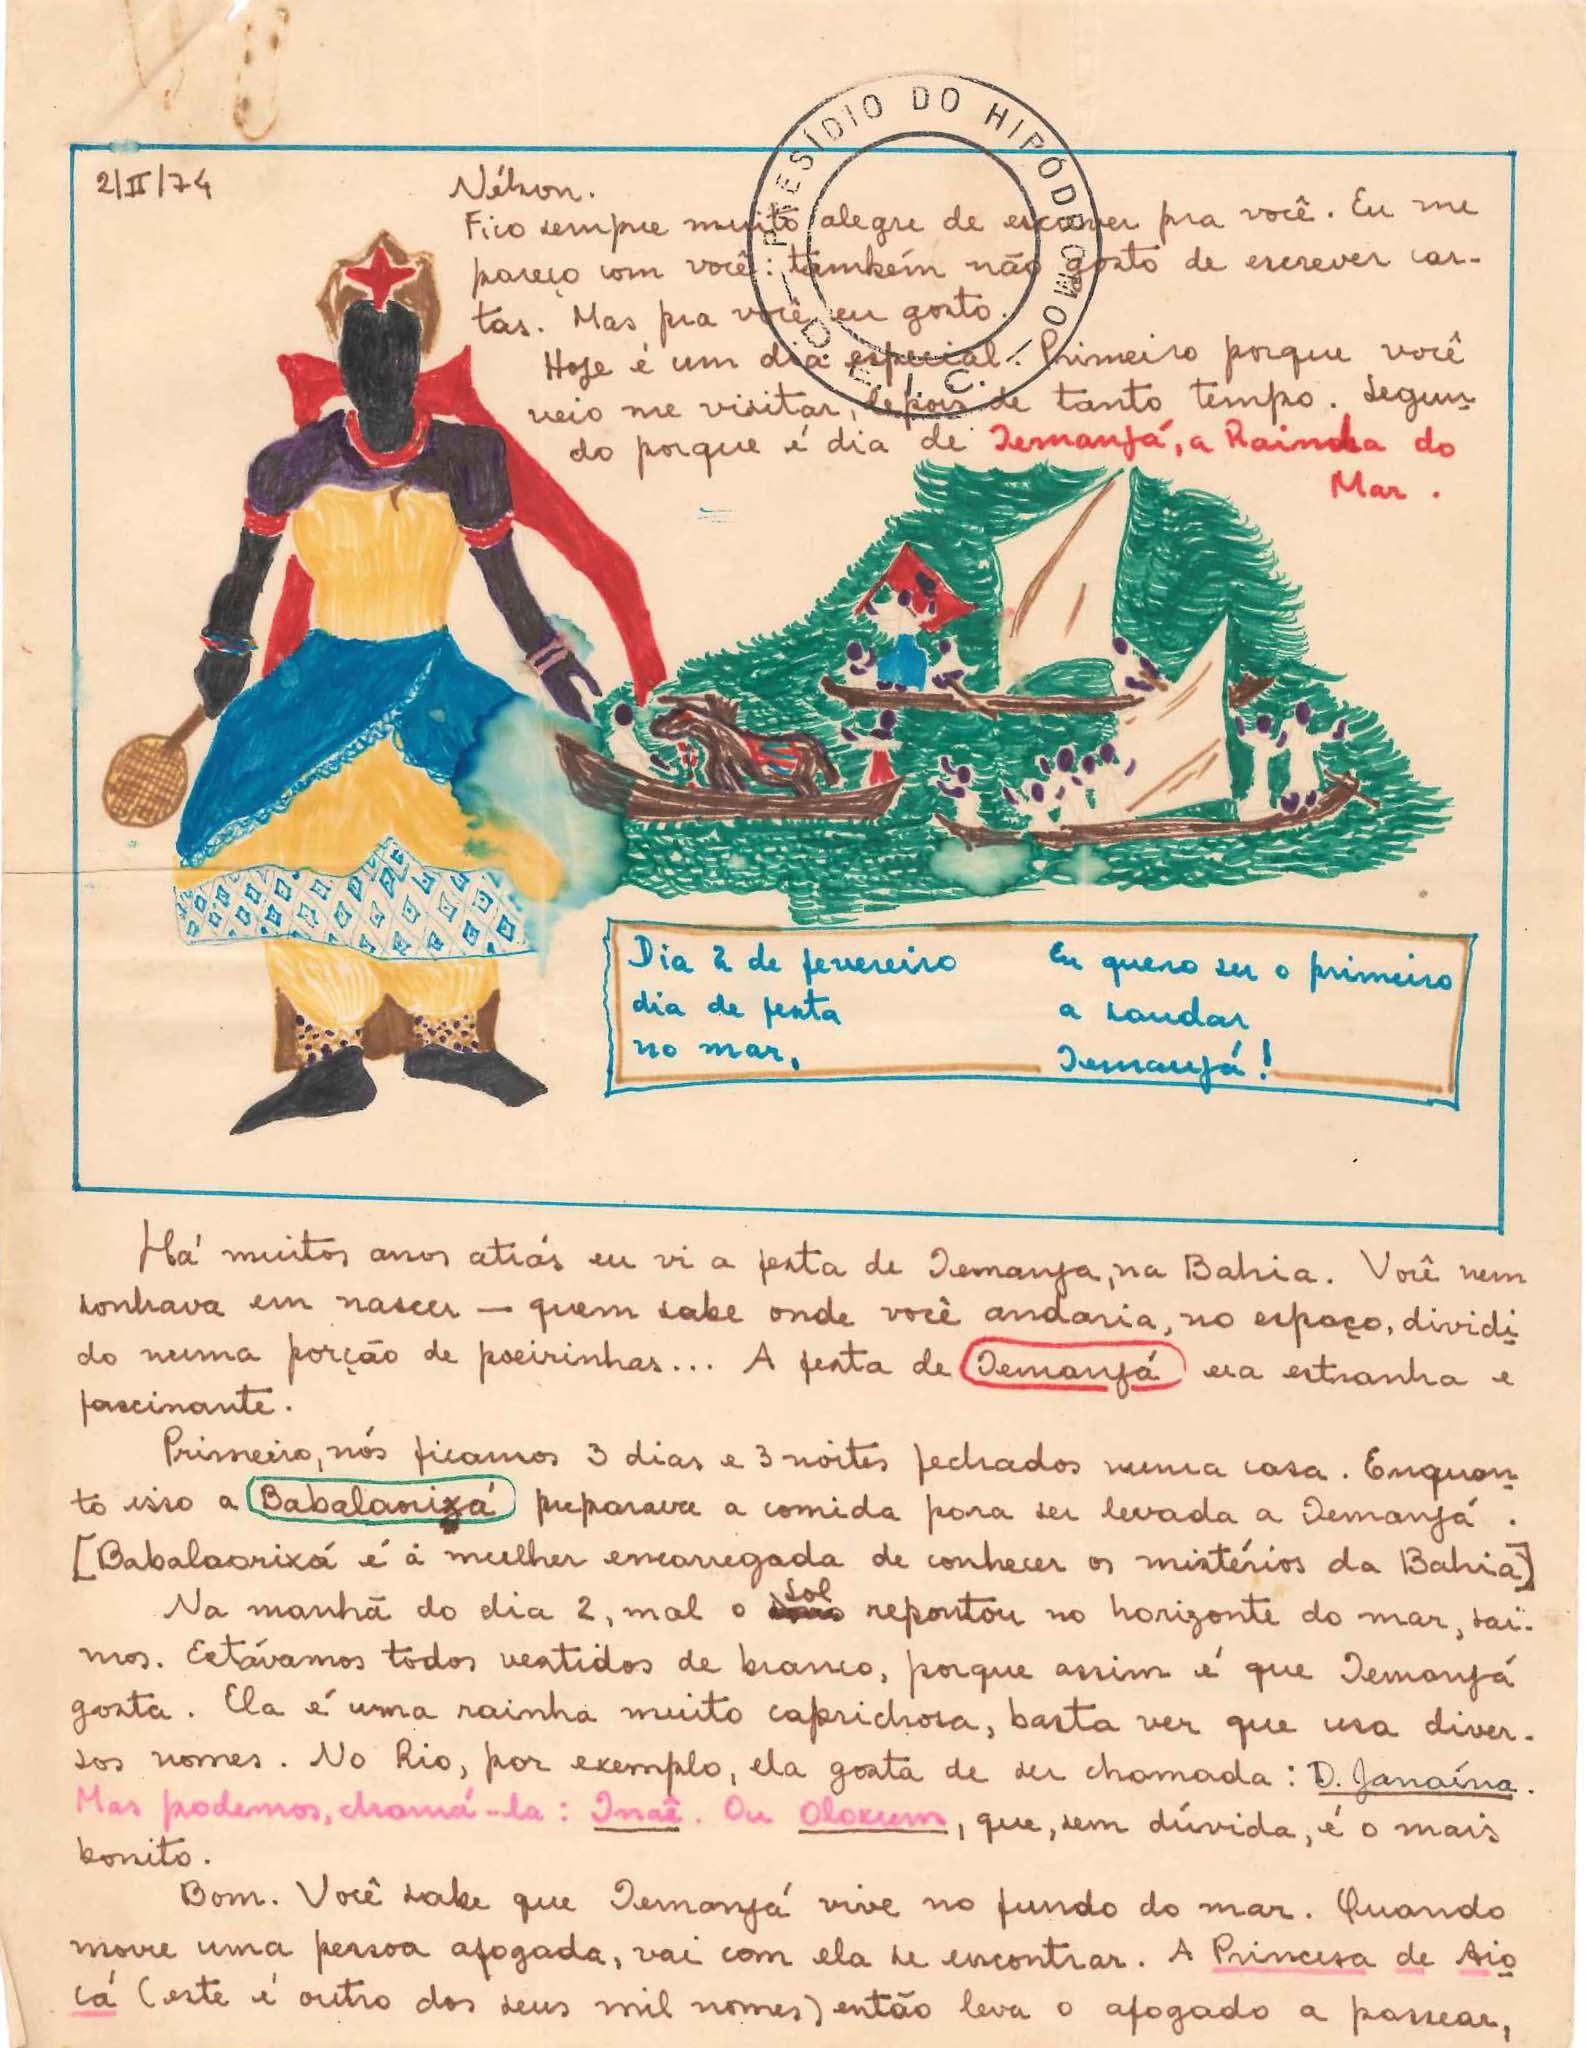 Joel Rufino dos Santos. Carta para o filho, fev. de 1974